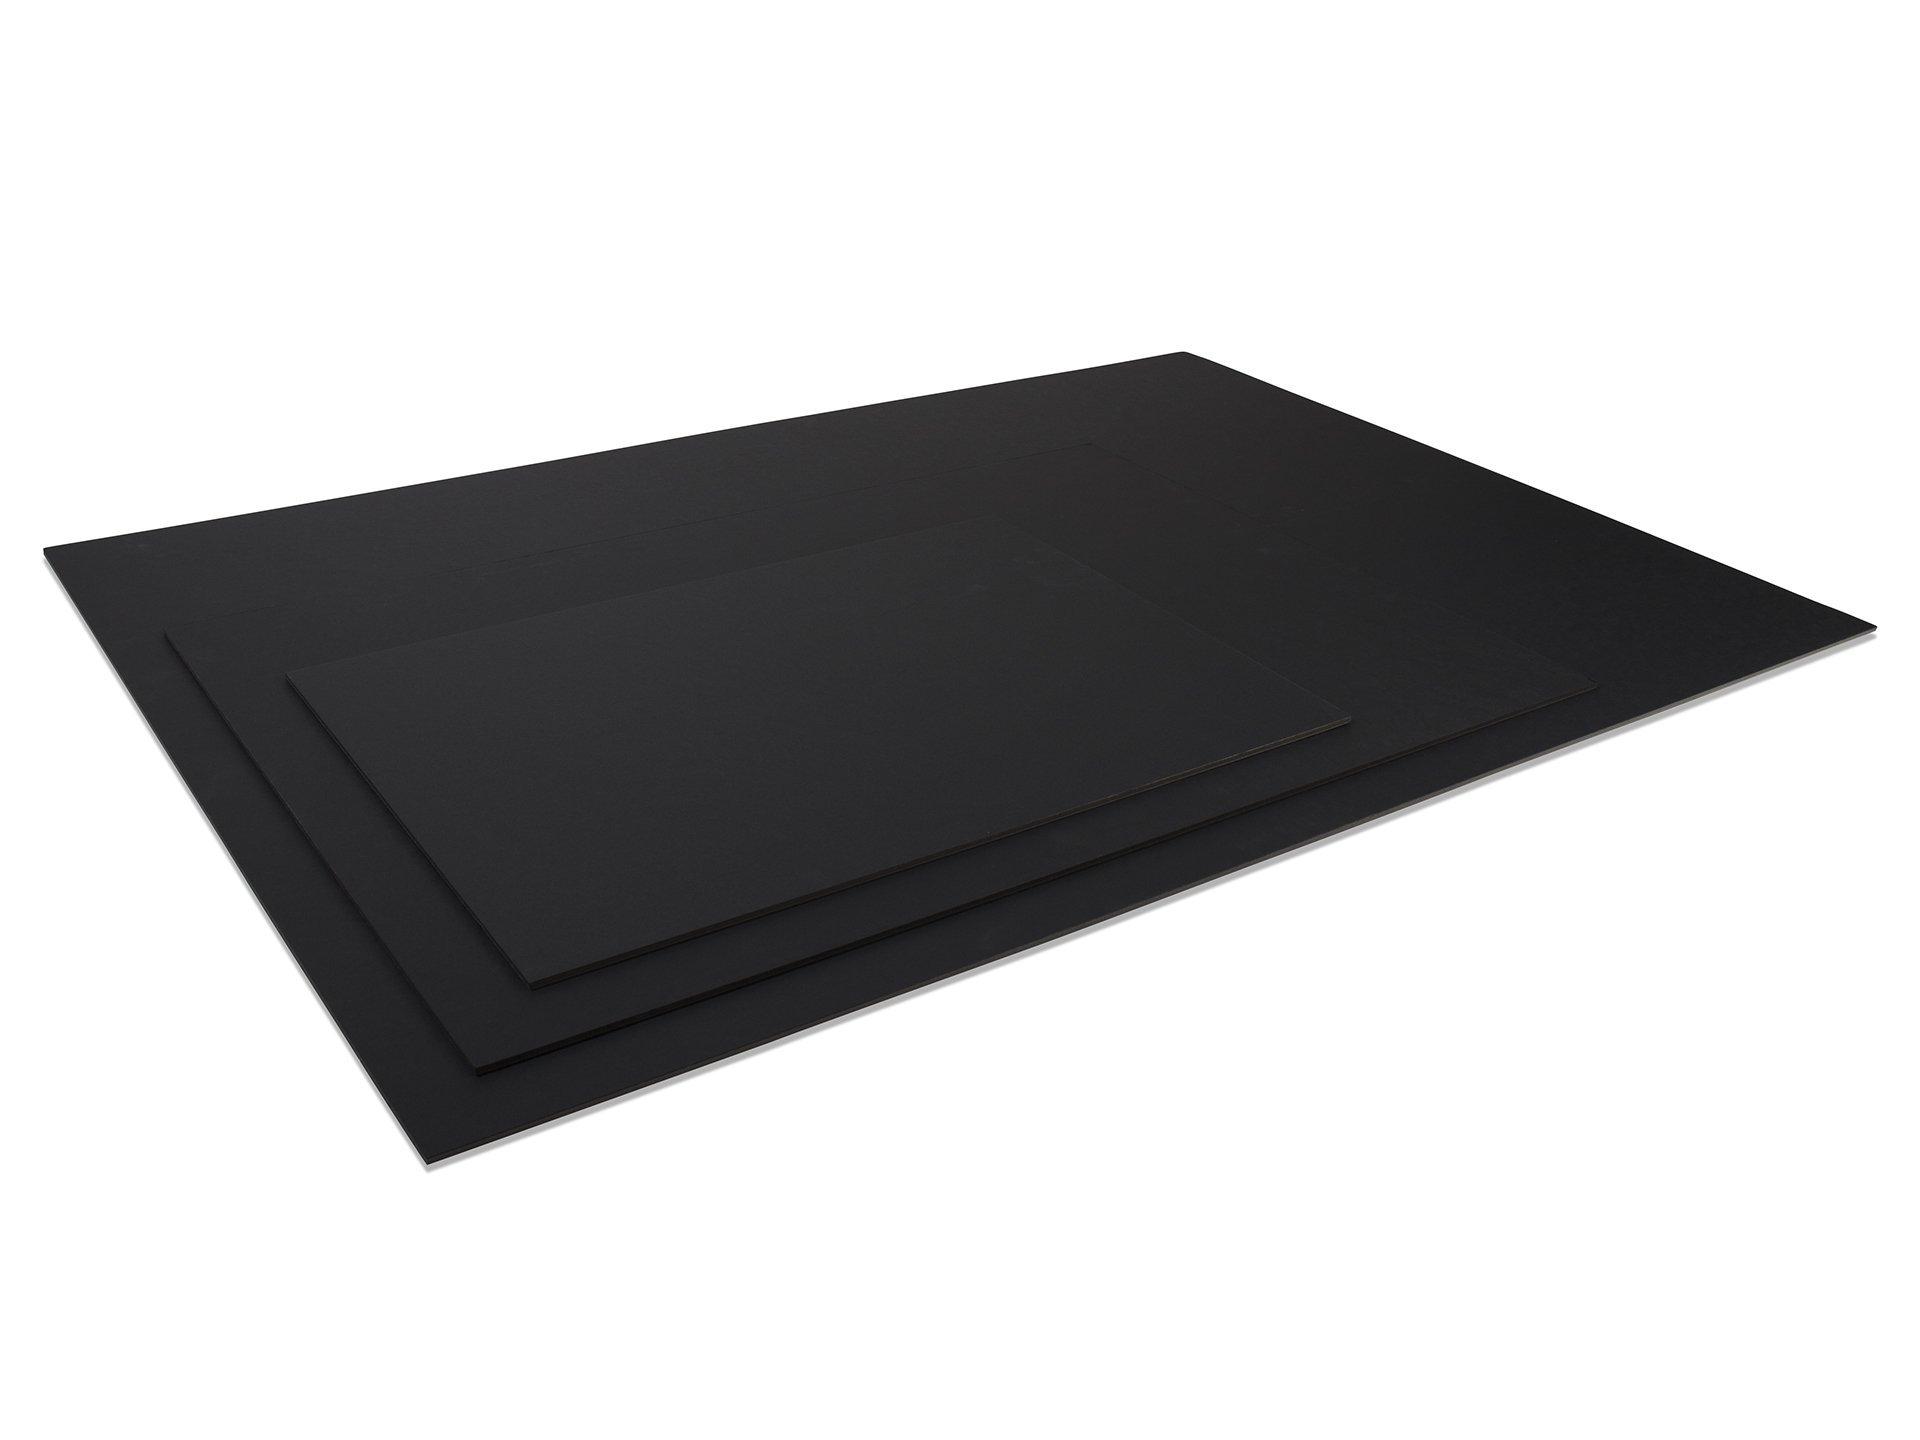 kapa graph schwarz jetzt online kaufen modulor. Black Bedroom Furniture Sets. Home Design Ideas